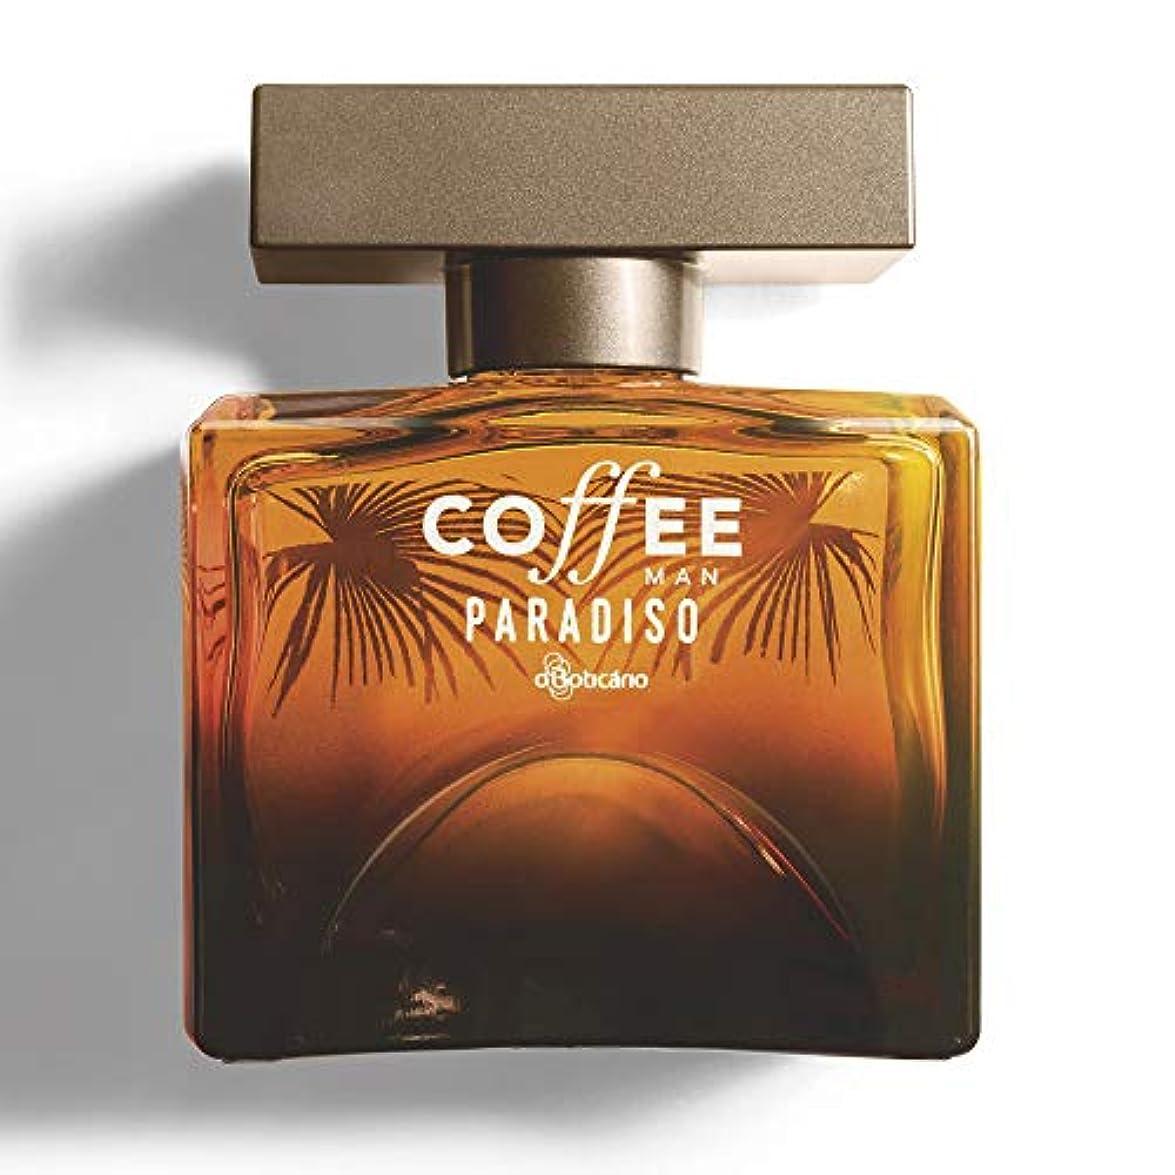 拘束するボリューム伝記オ・ボチカリオ オードトワレ コーヒー メン パラディソ boticario EDT COFFEE MAN PARADISO 100ml